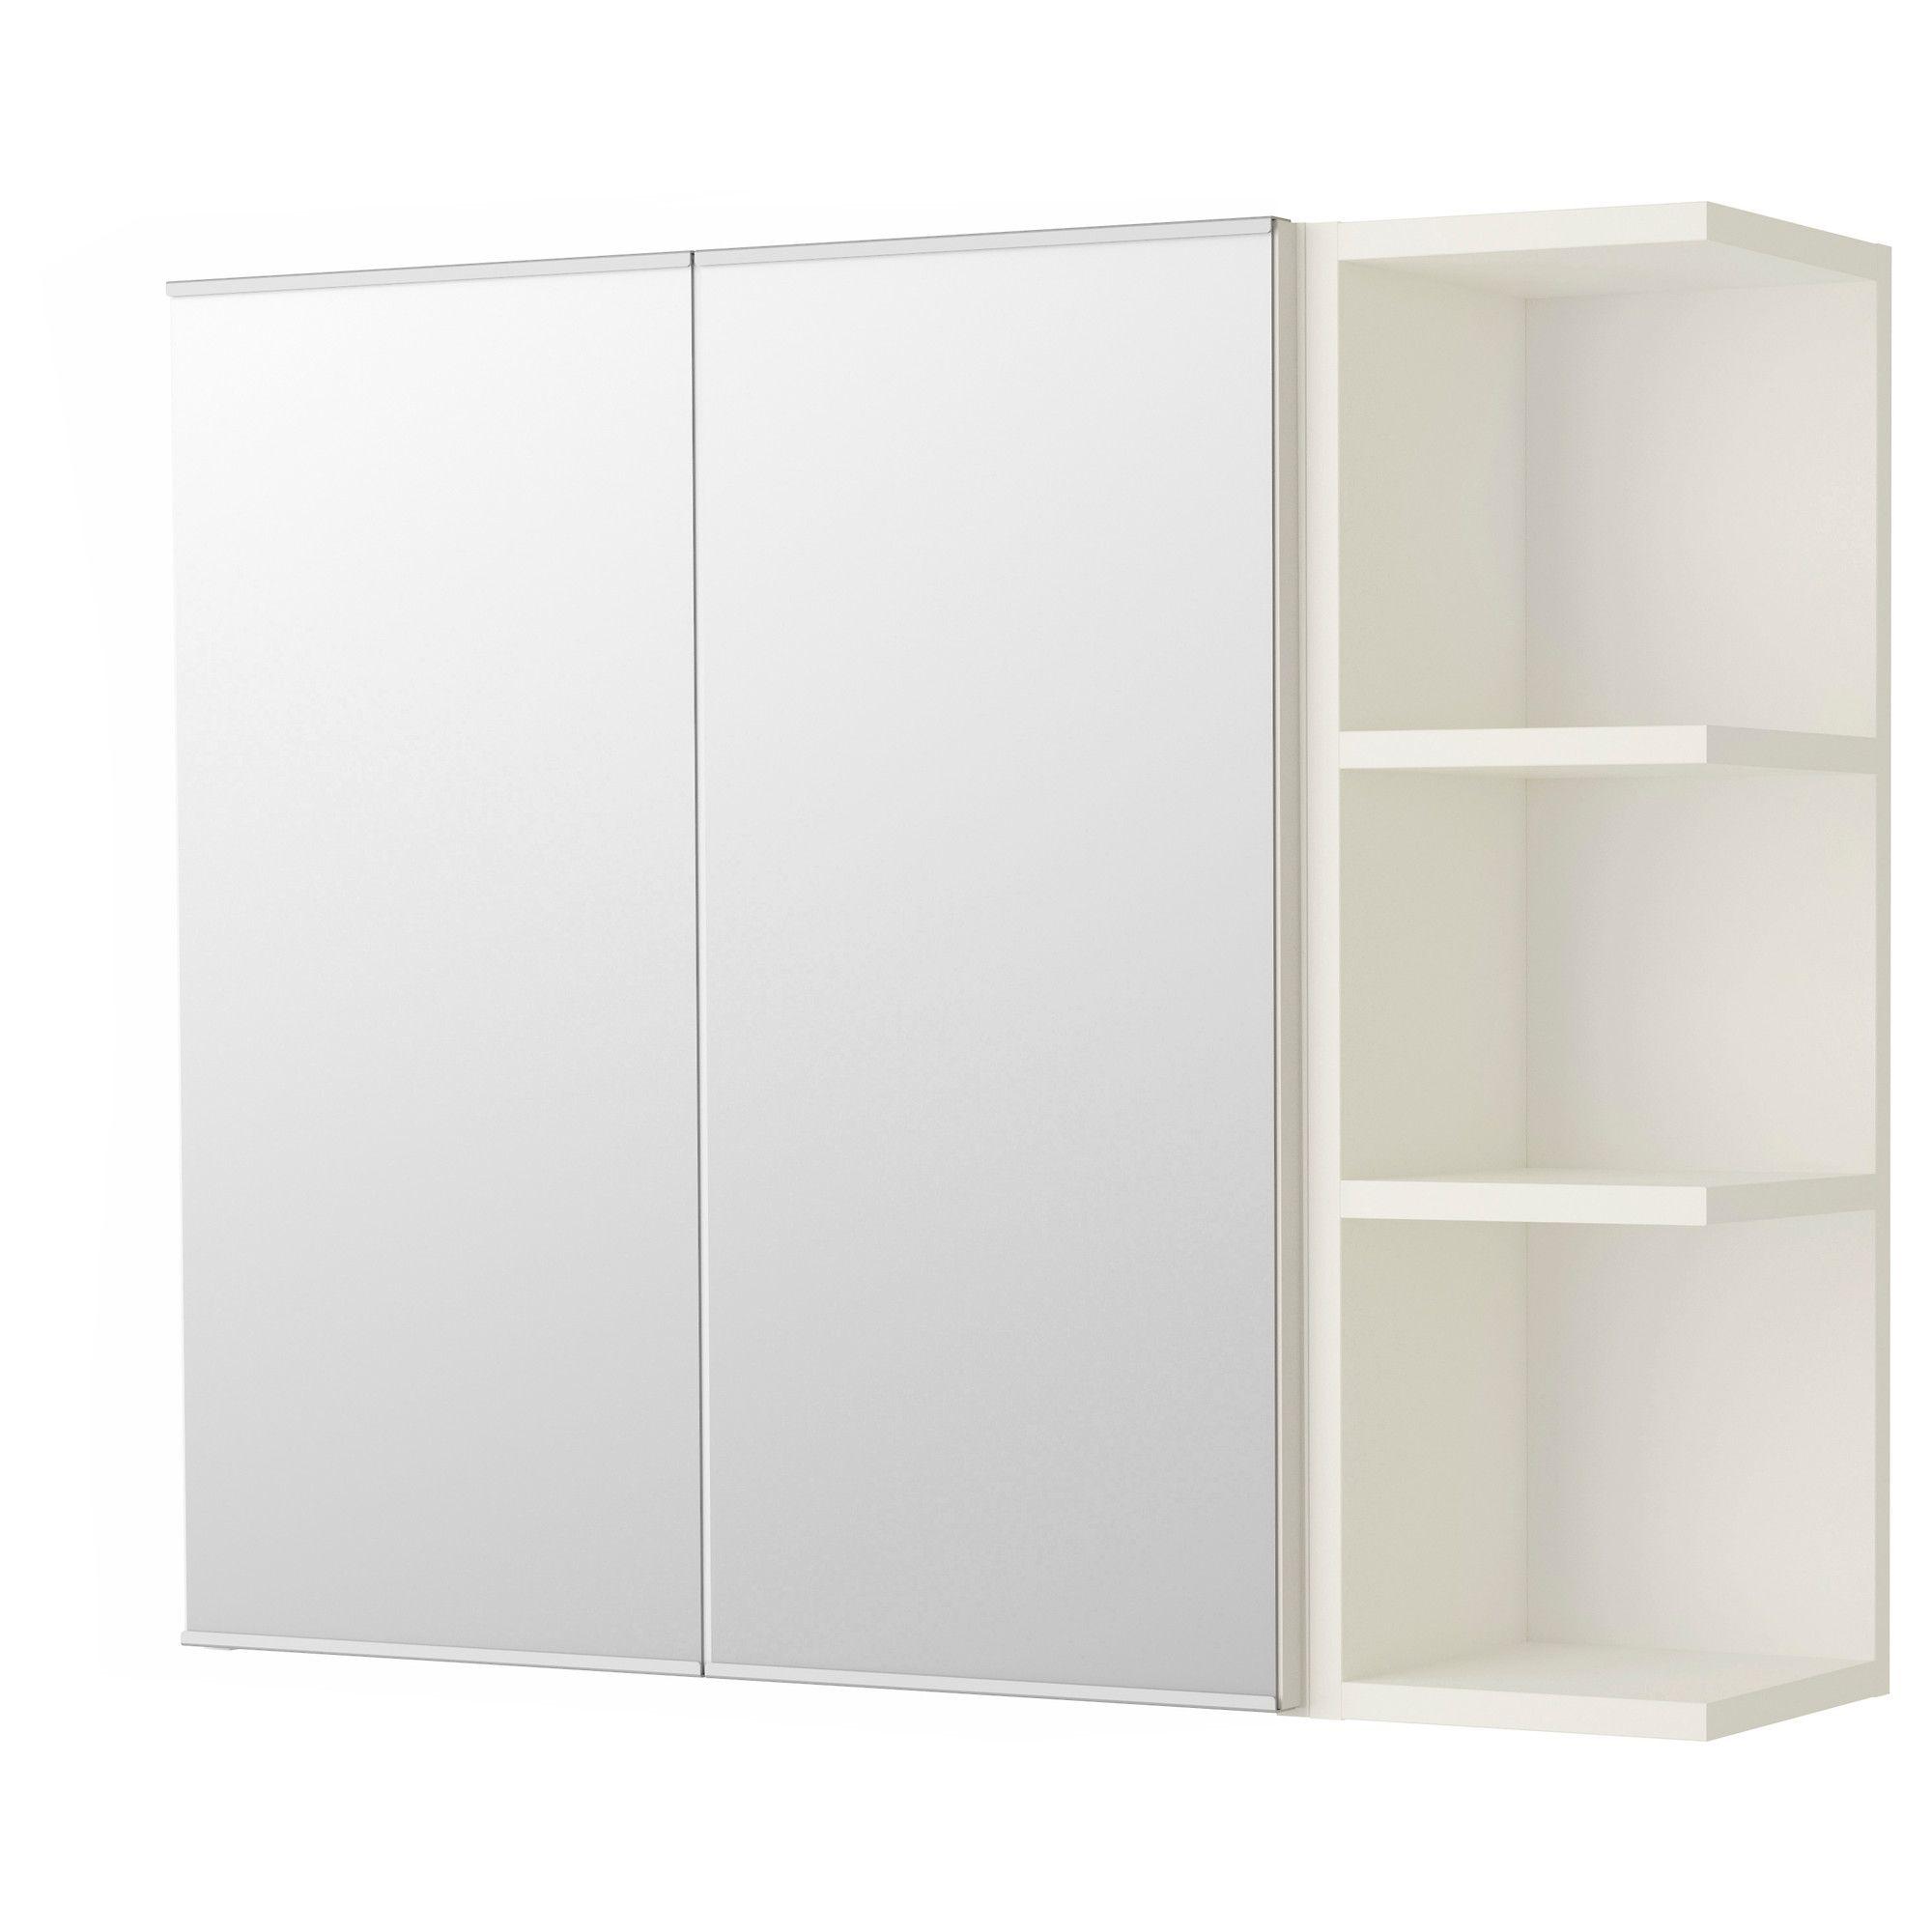 lill ngen l ment miroir 2ptes 1 tag fin blanc salle de bains pinterest salle de bain. Black Bedroom Furniture Sets. Home Design Ideas